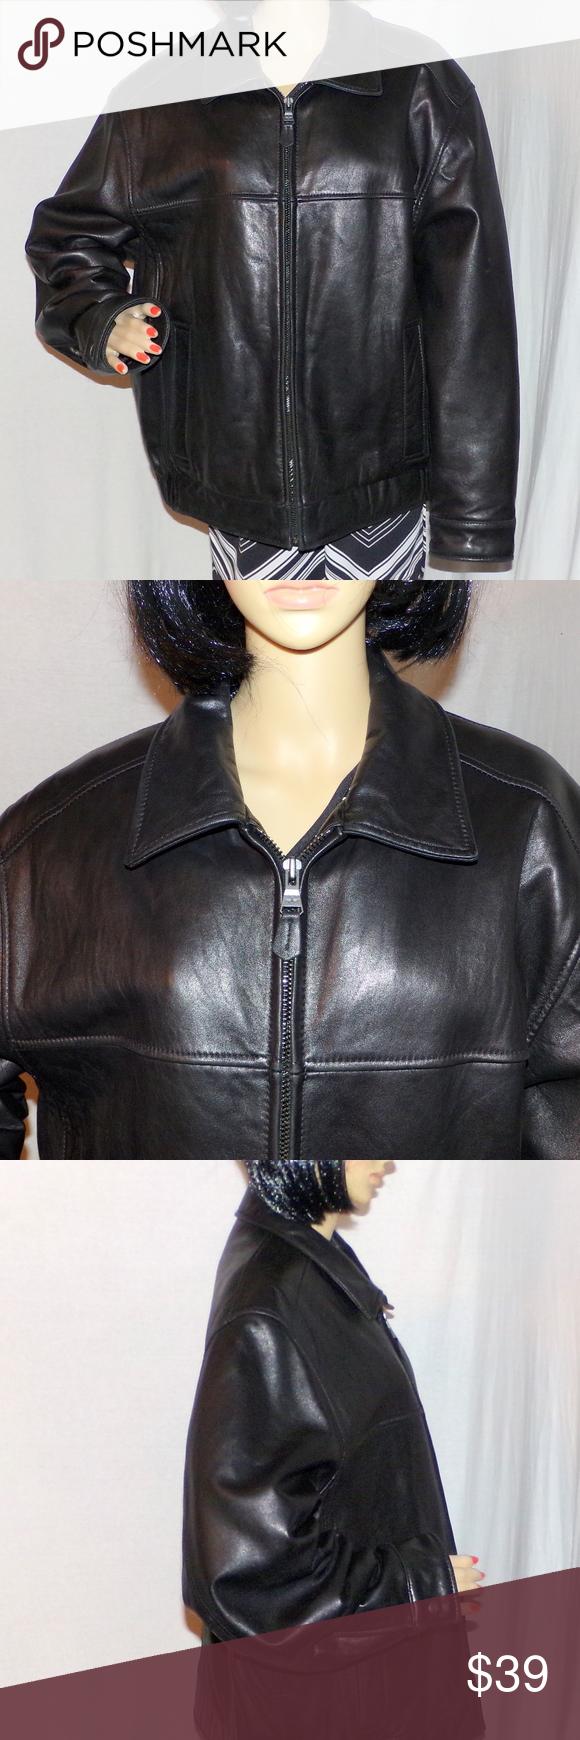 Men's Dockers Lambskin Leather Jacket Size XL Coat Men's